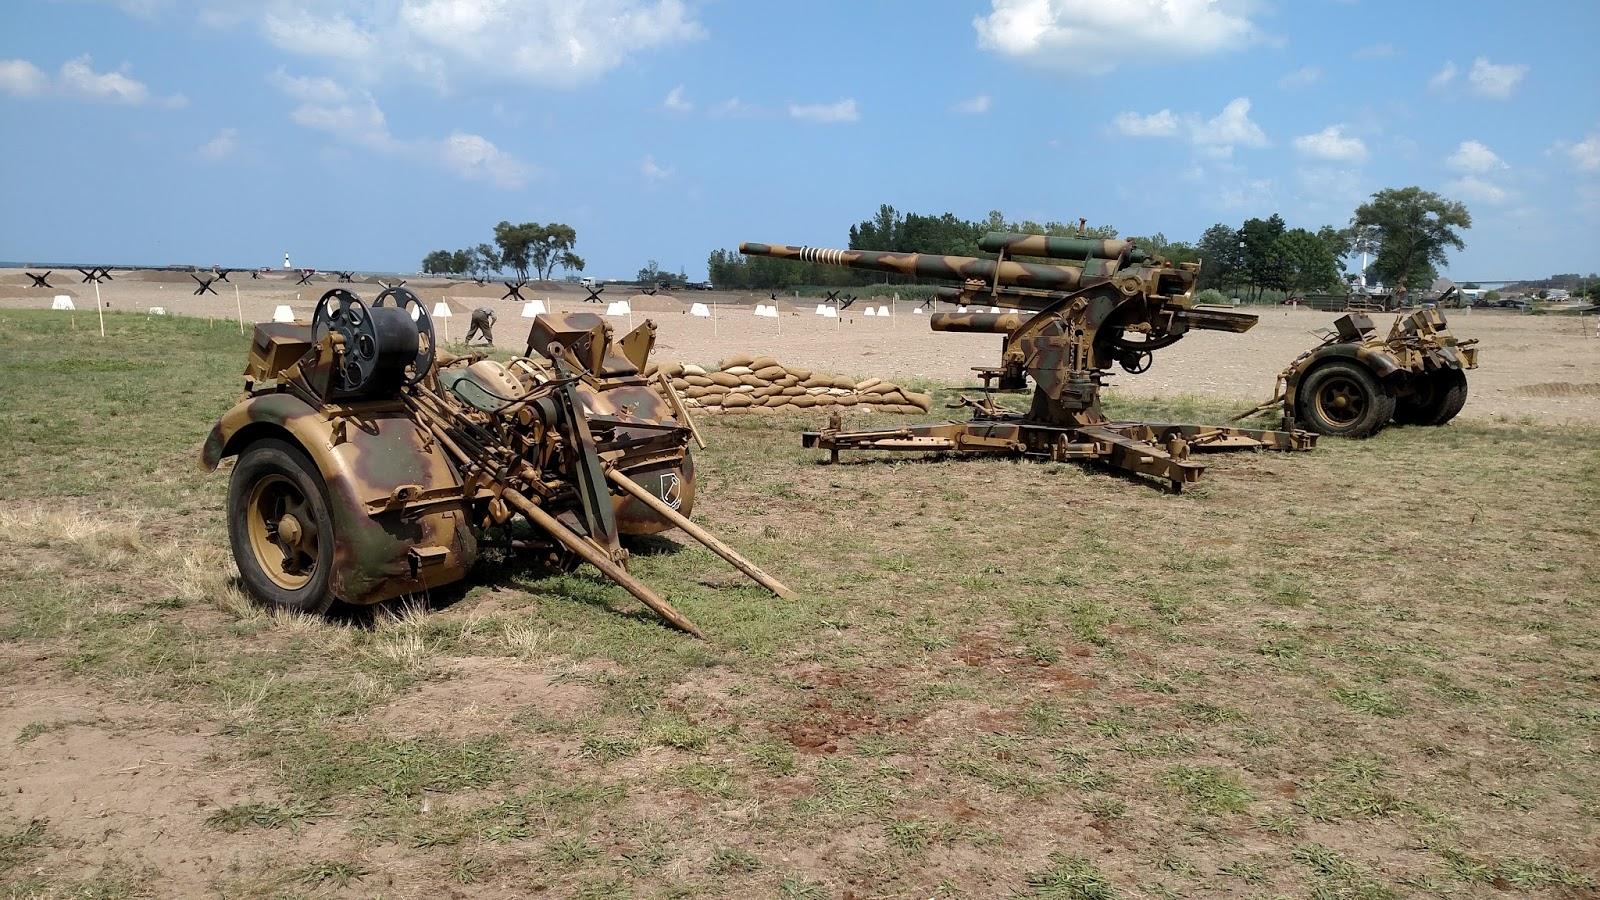 Battleground Hobbies: WW2 D-Day Reenactment at Conneaut Ohio!